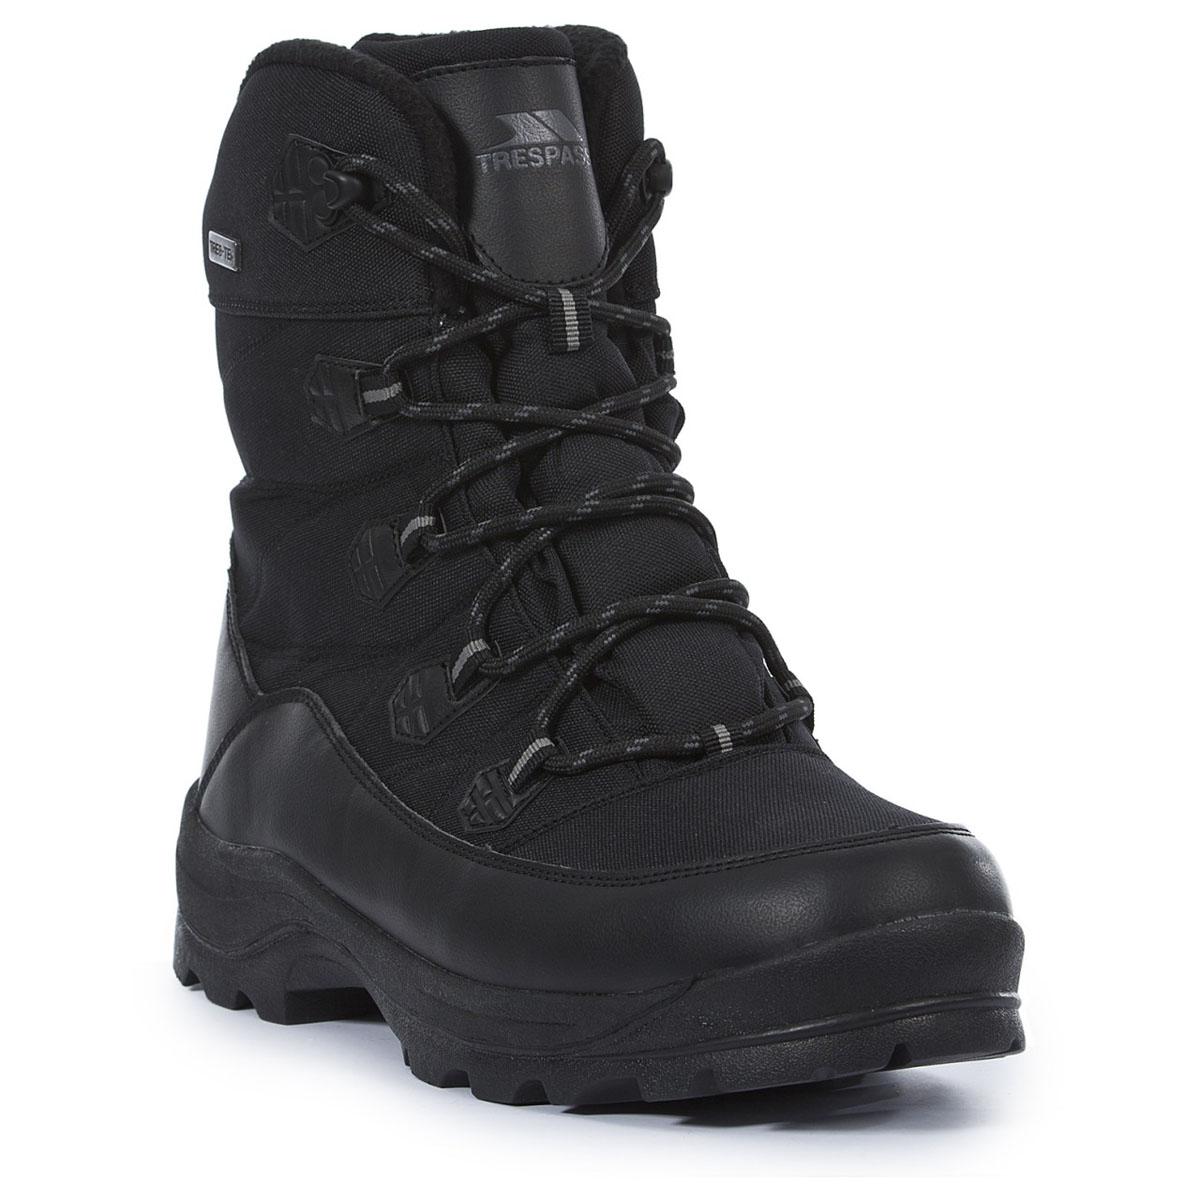 Ботинки трекинговые мужские Trespass Zotos, цвет: черный. MAFOBOK20001. Размер 46MAFOBOK20001Современные, технологичные, трекинговые ботинки Zotos от Trespass выполнены из водонепроницаемого материала. Специальное покрытие эффективно обеспечивает сухость и комфорт вашим ногам. Подкладка из флиса и стелька из текстиля согреют ваши ноги. Шнуровка надежно зафиксирует модель на ноге. Подошва дополнена рифлением. Ботинки прекрасно подойдут для пеших походов по пересеченной местности.